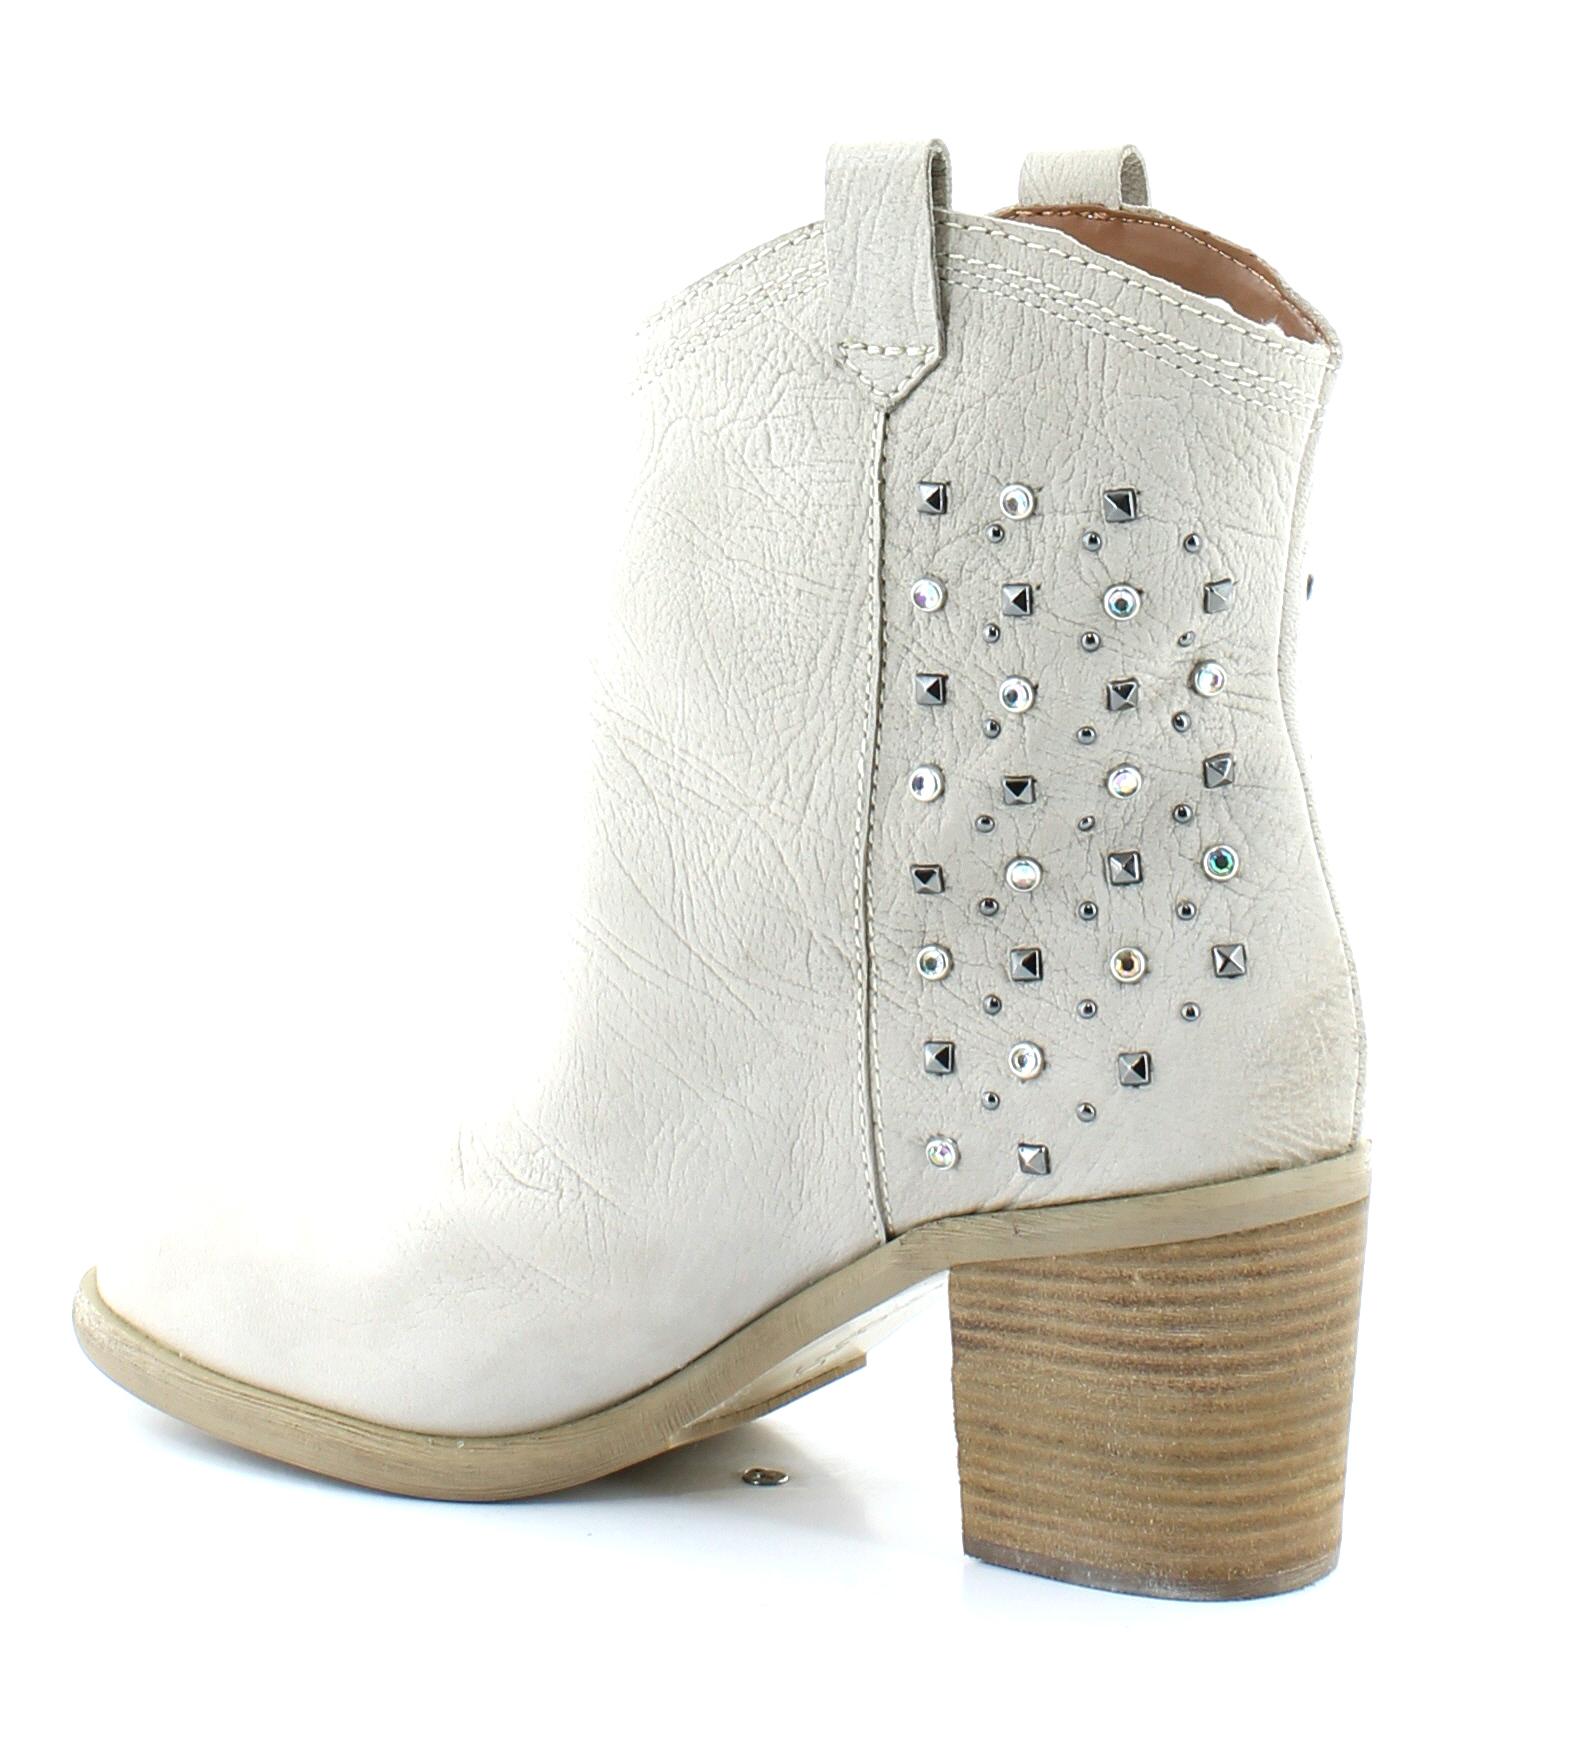 Details zu Boutique 9 Conspire Beige Womens Shoes Size 7.5 M Boots